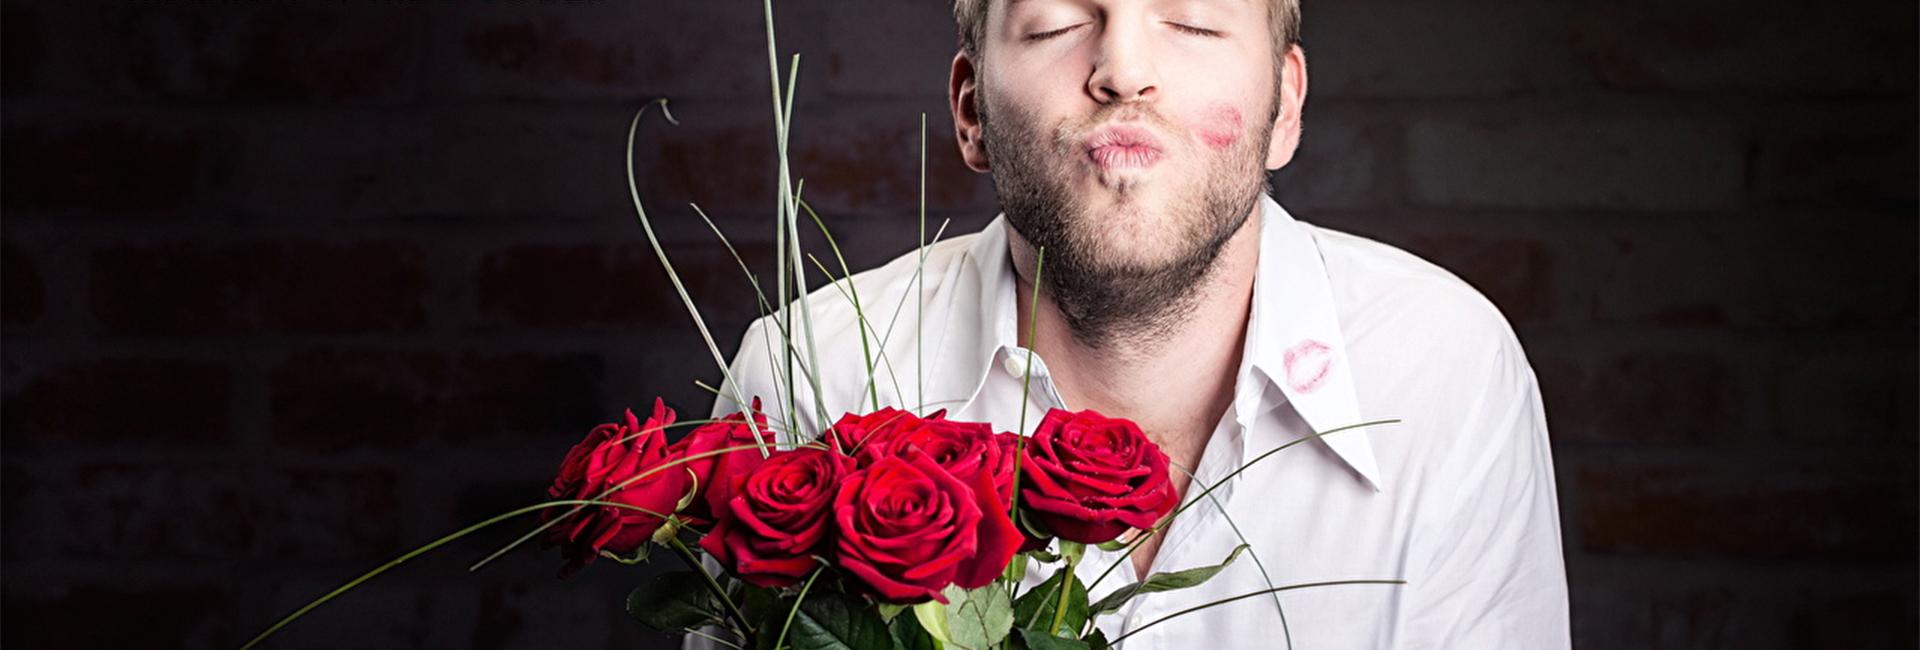 Bientôt la Saint-Valentin